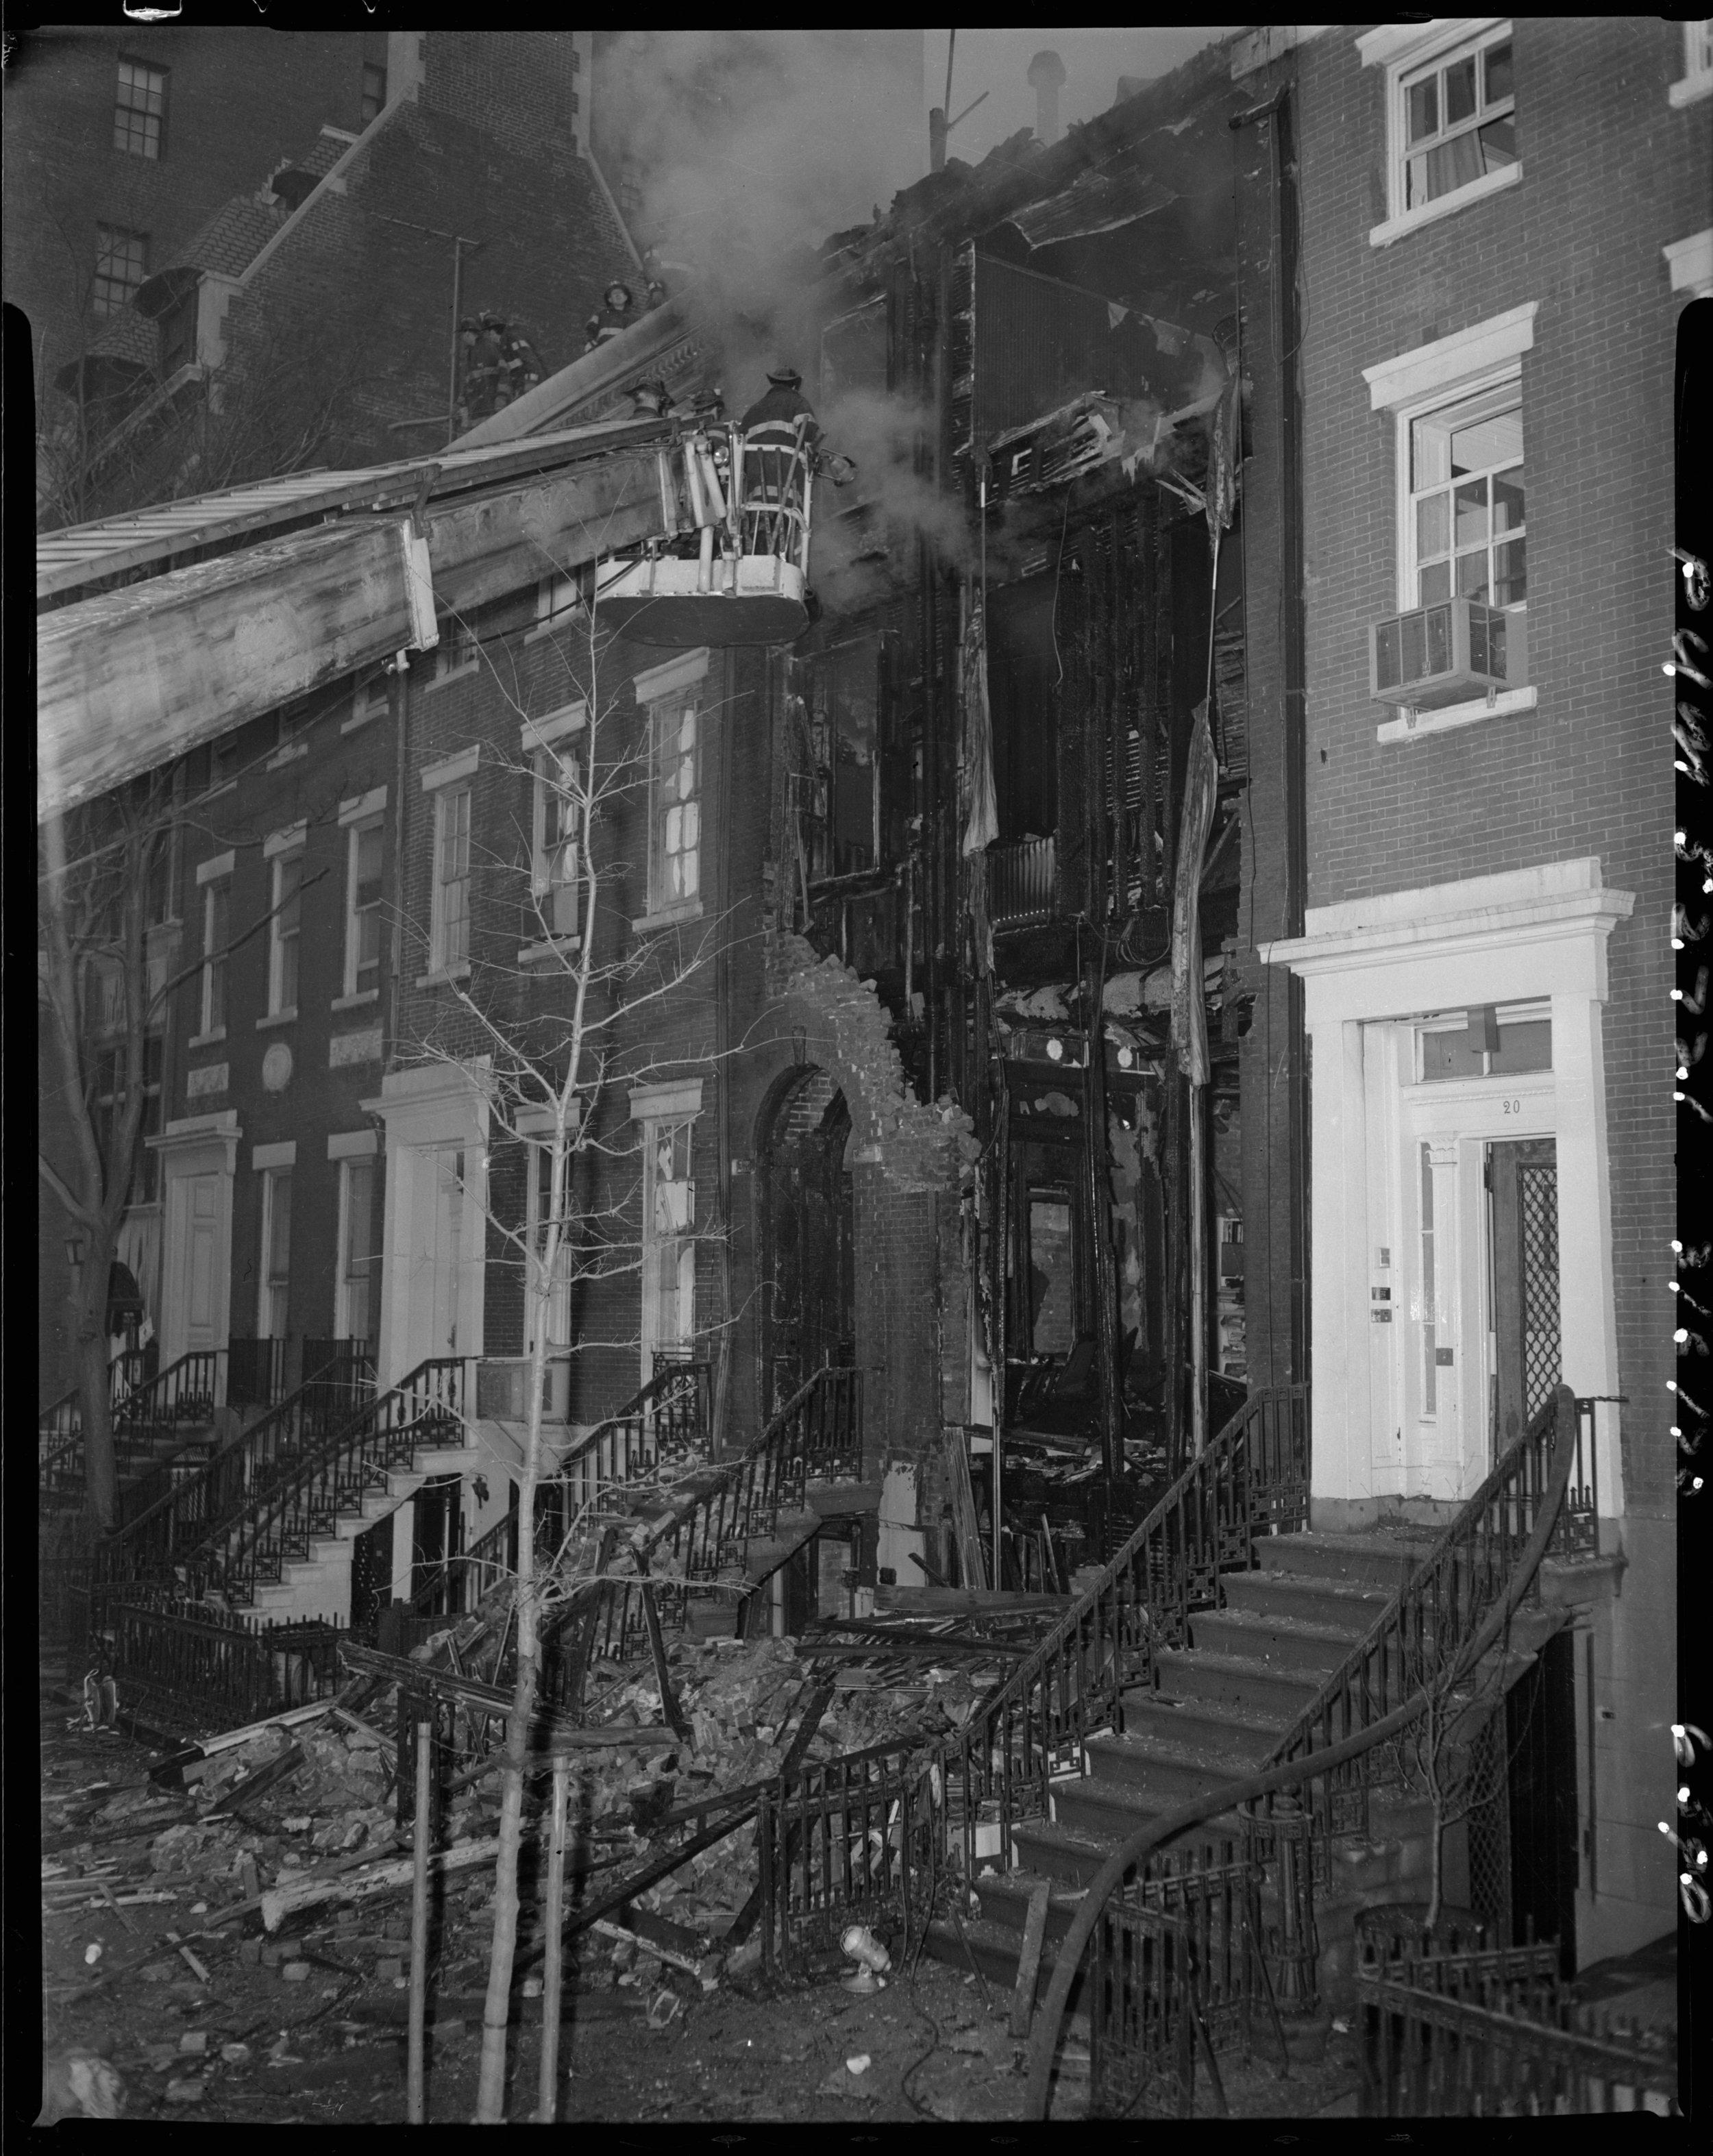 Weathermen Bombing in Greenwich Village, March 6, 1970